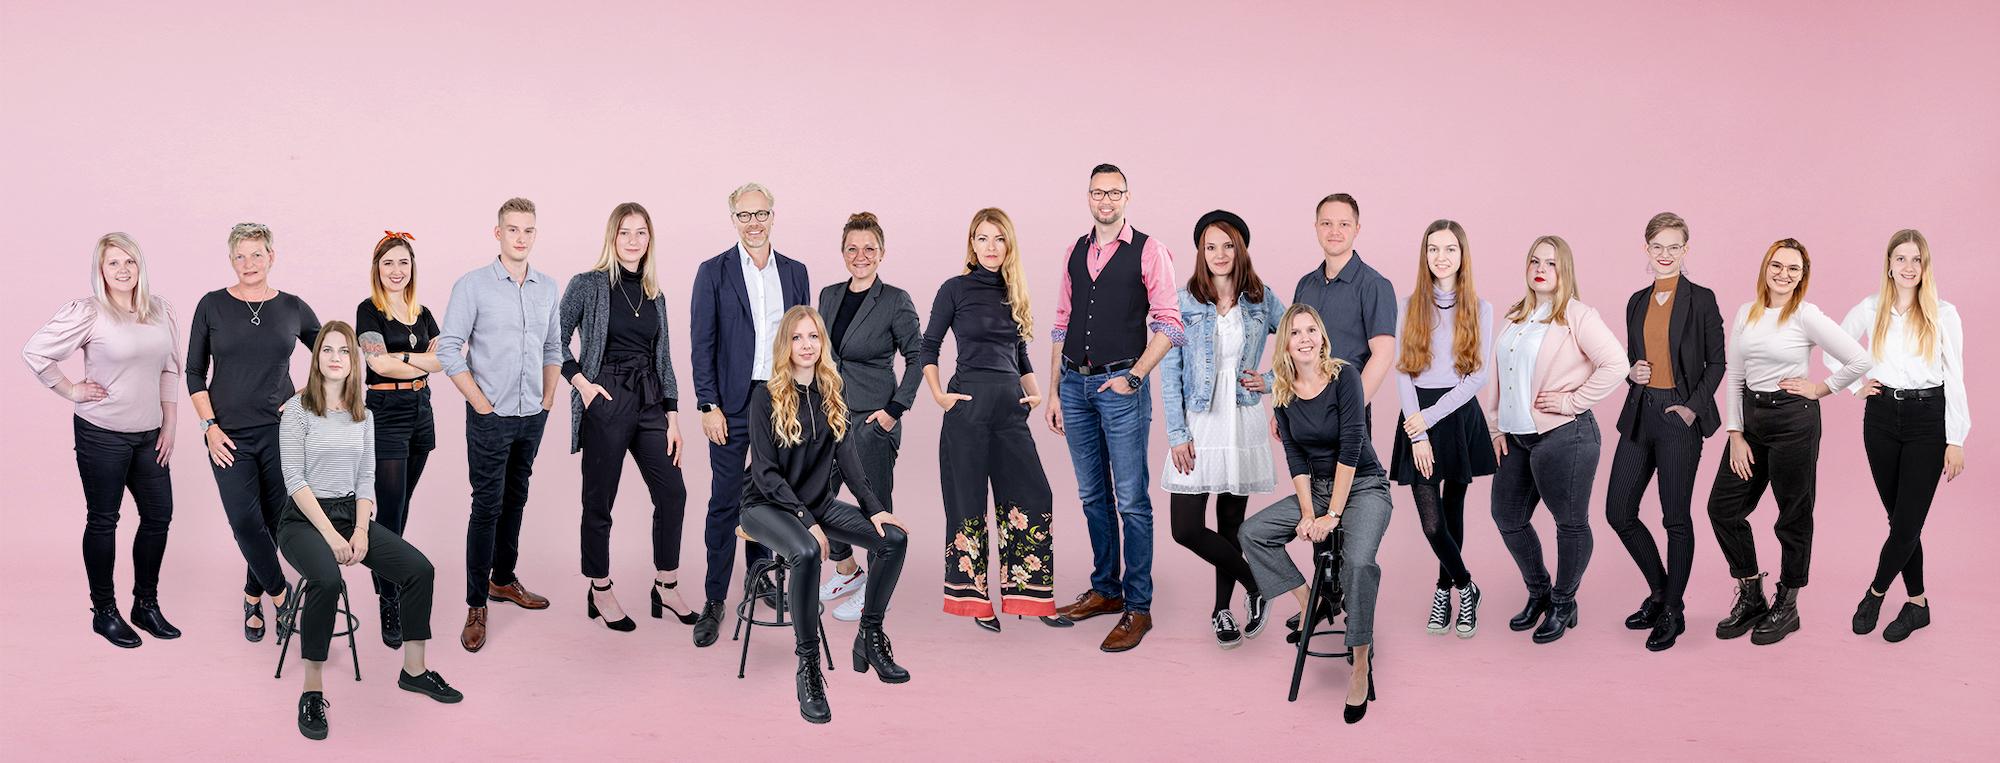 Neues-Teamfoto-Juli2021.jpg – DESIGNSTUUV Werbeagentur GmbH & Co. KG